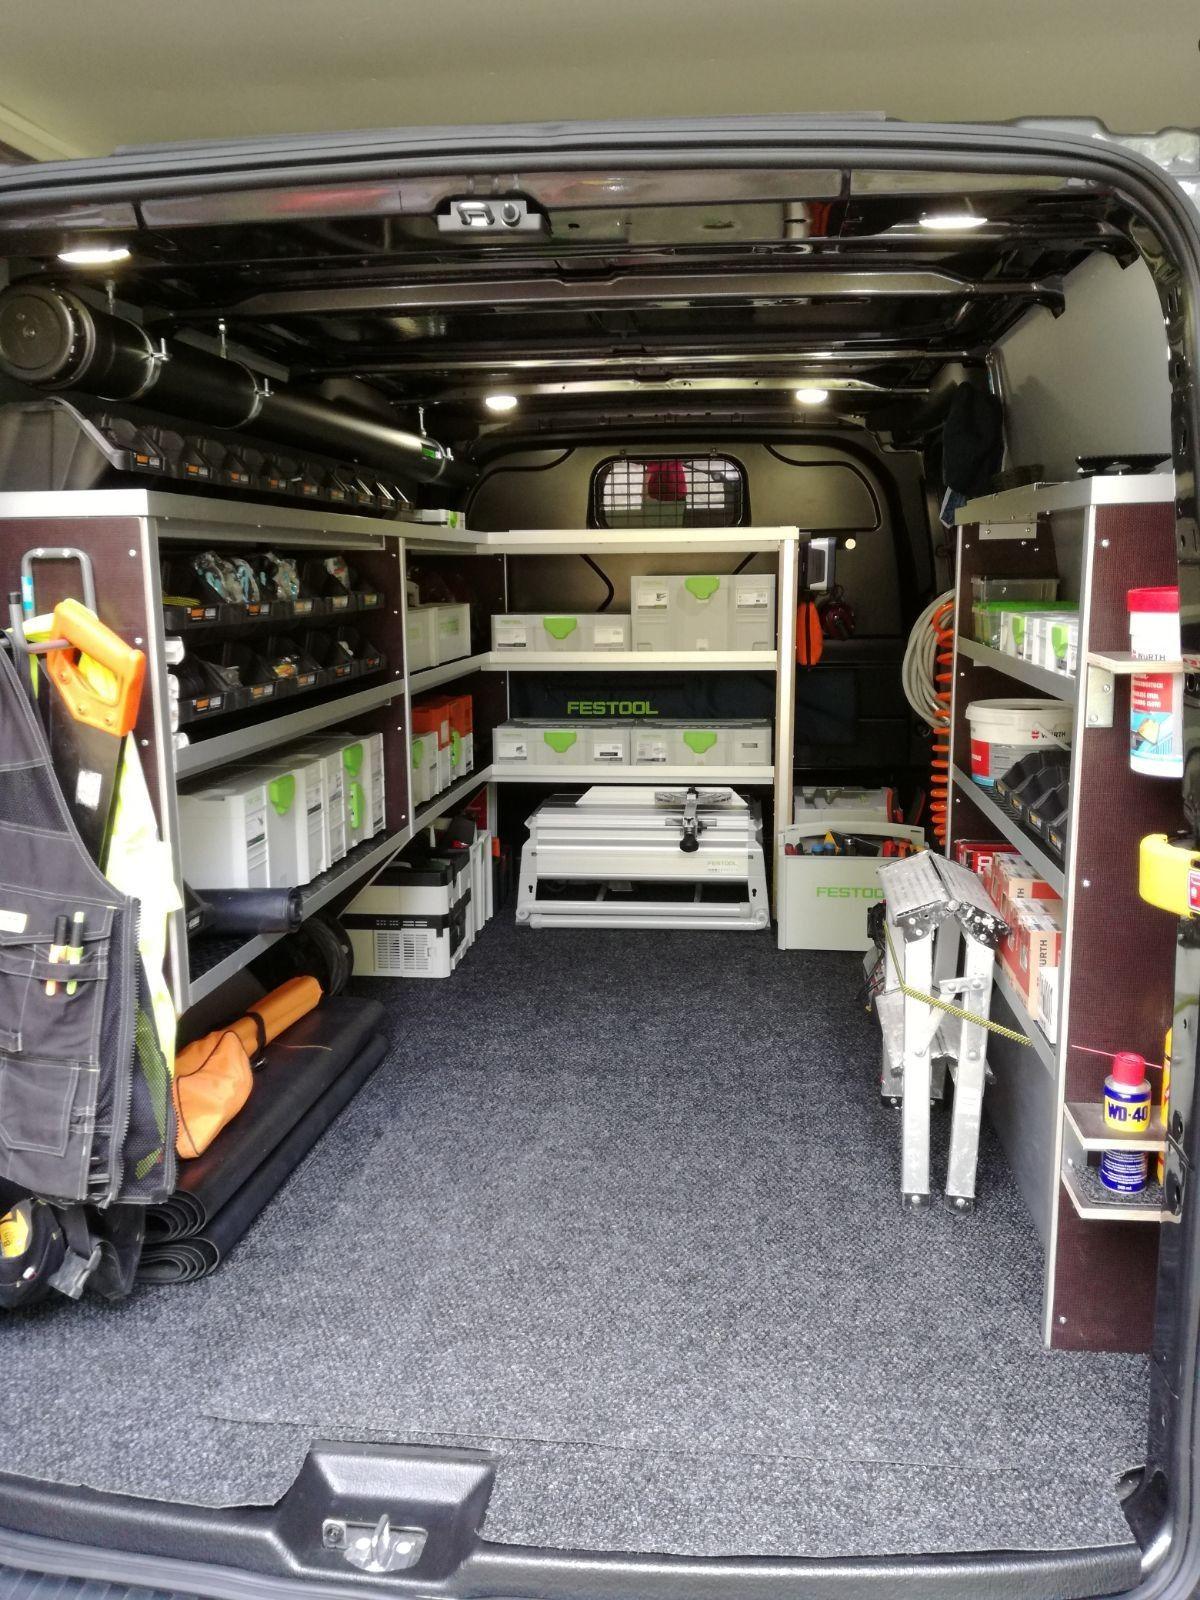 Plumbers Work Van Van Storage Van Organization Van Shelving